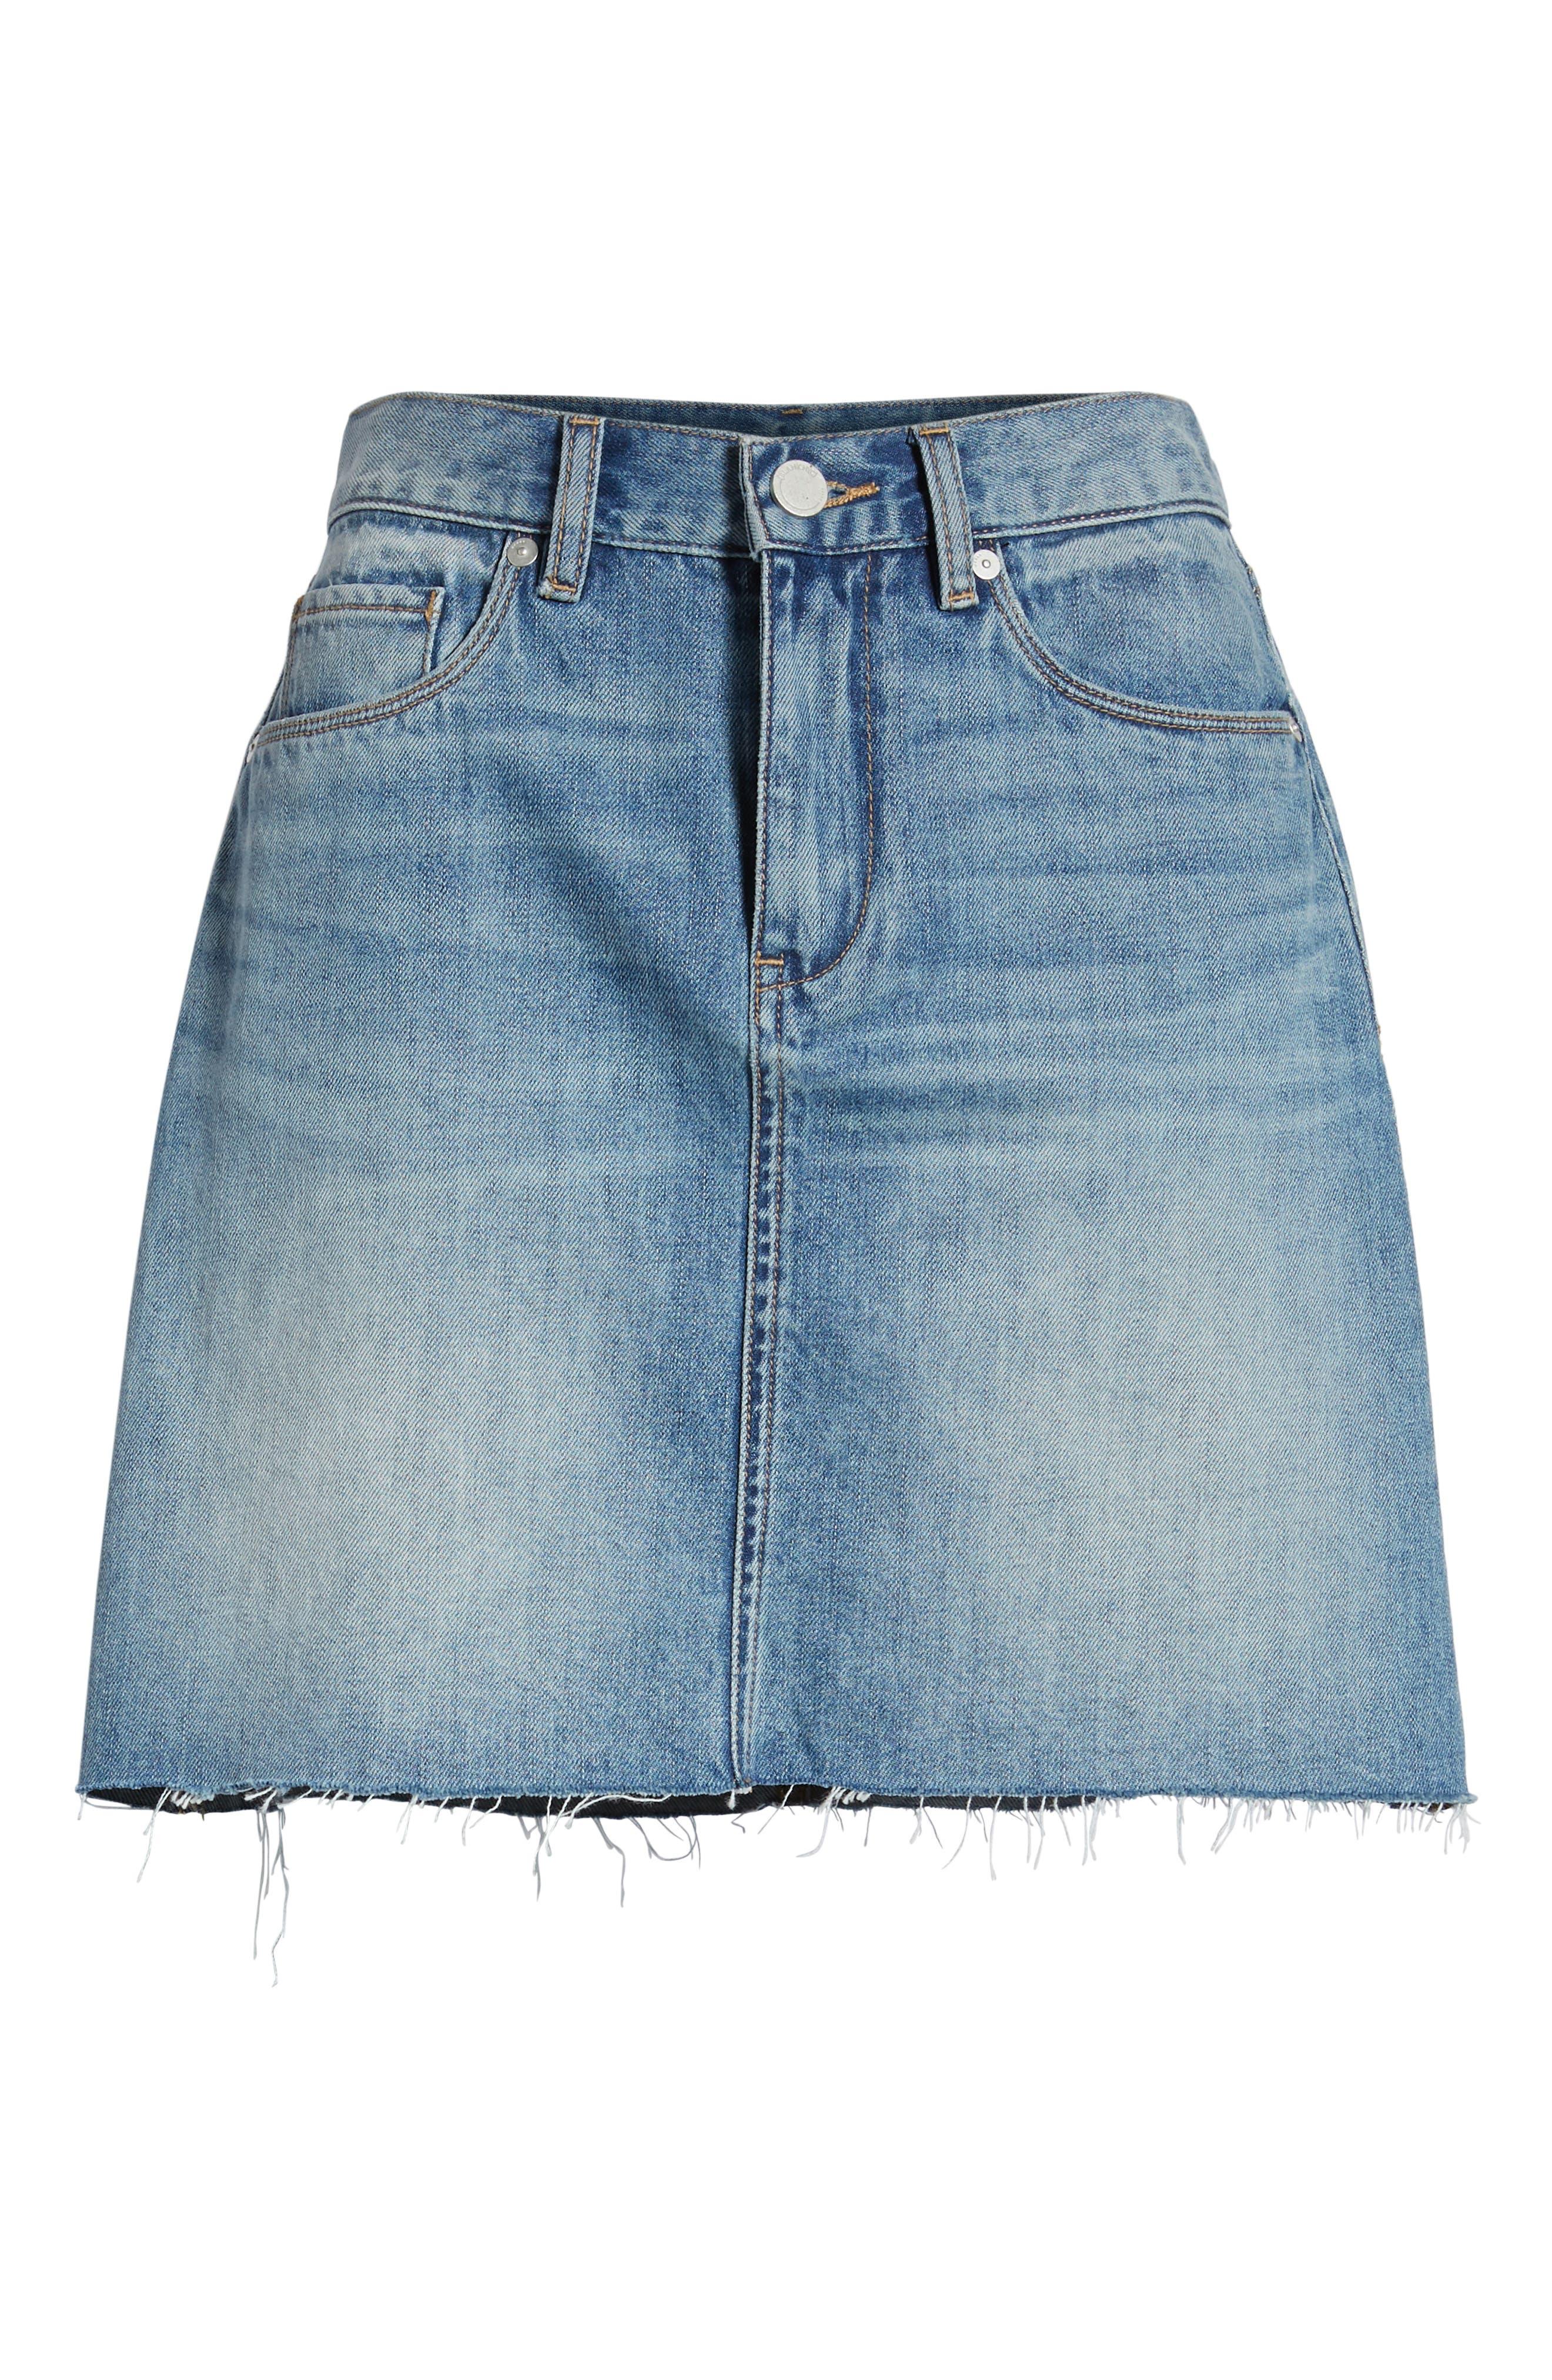 Raw Hem Denim Skirt,                             Alternate thumbnail 7, color,                             420